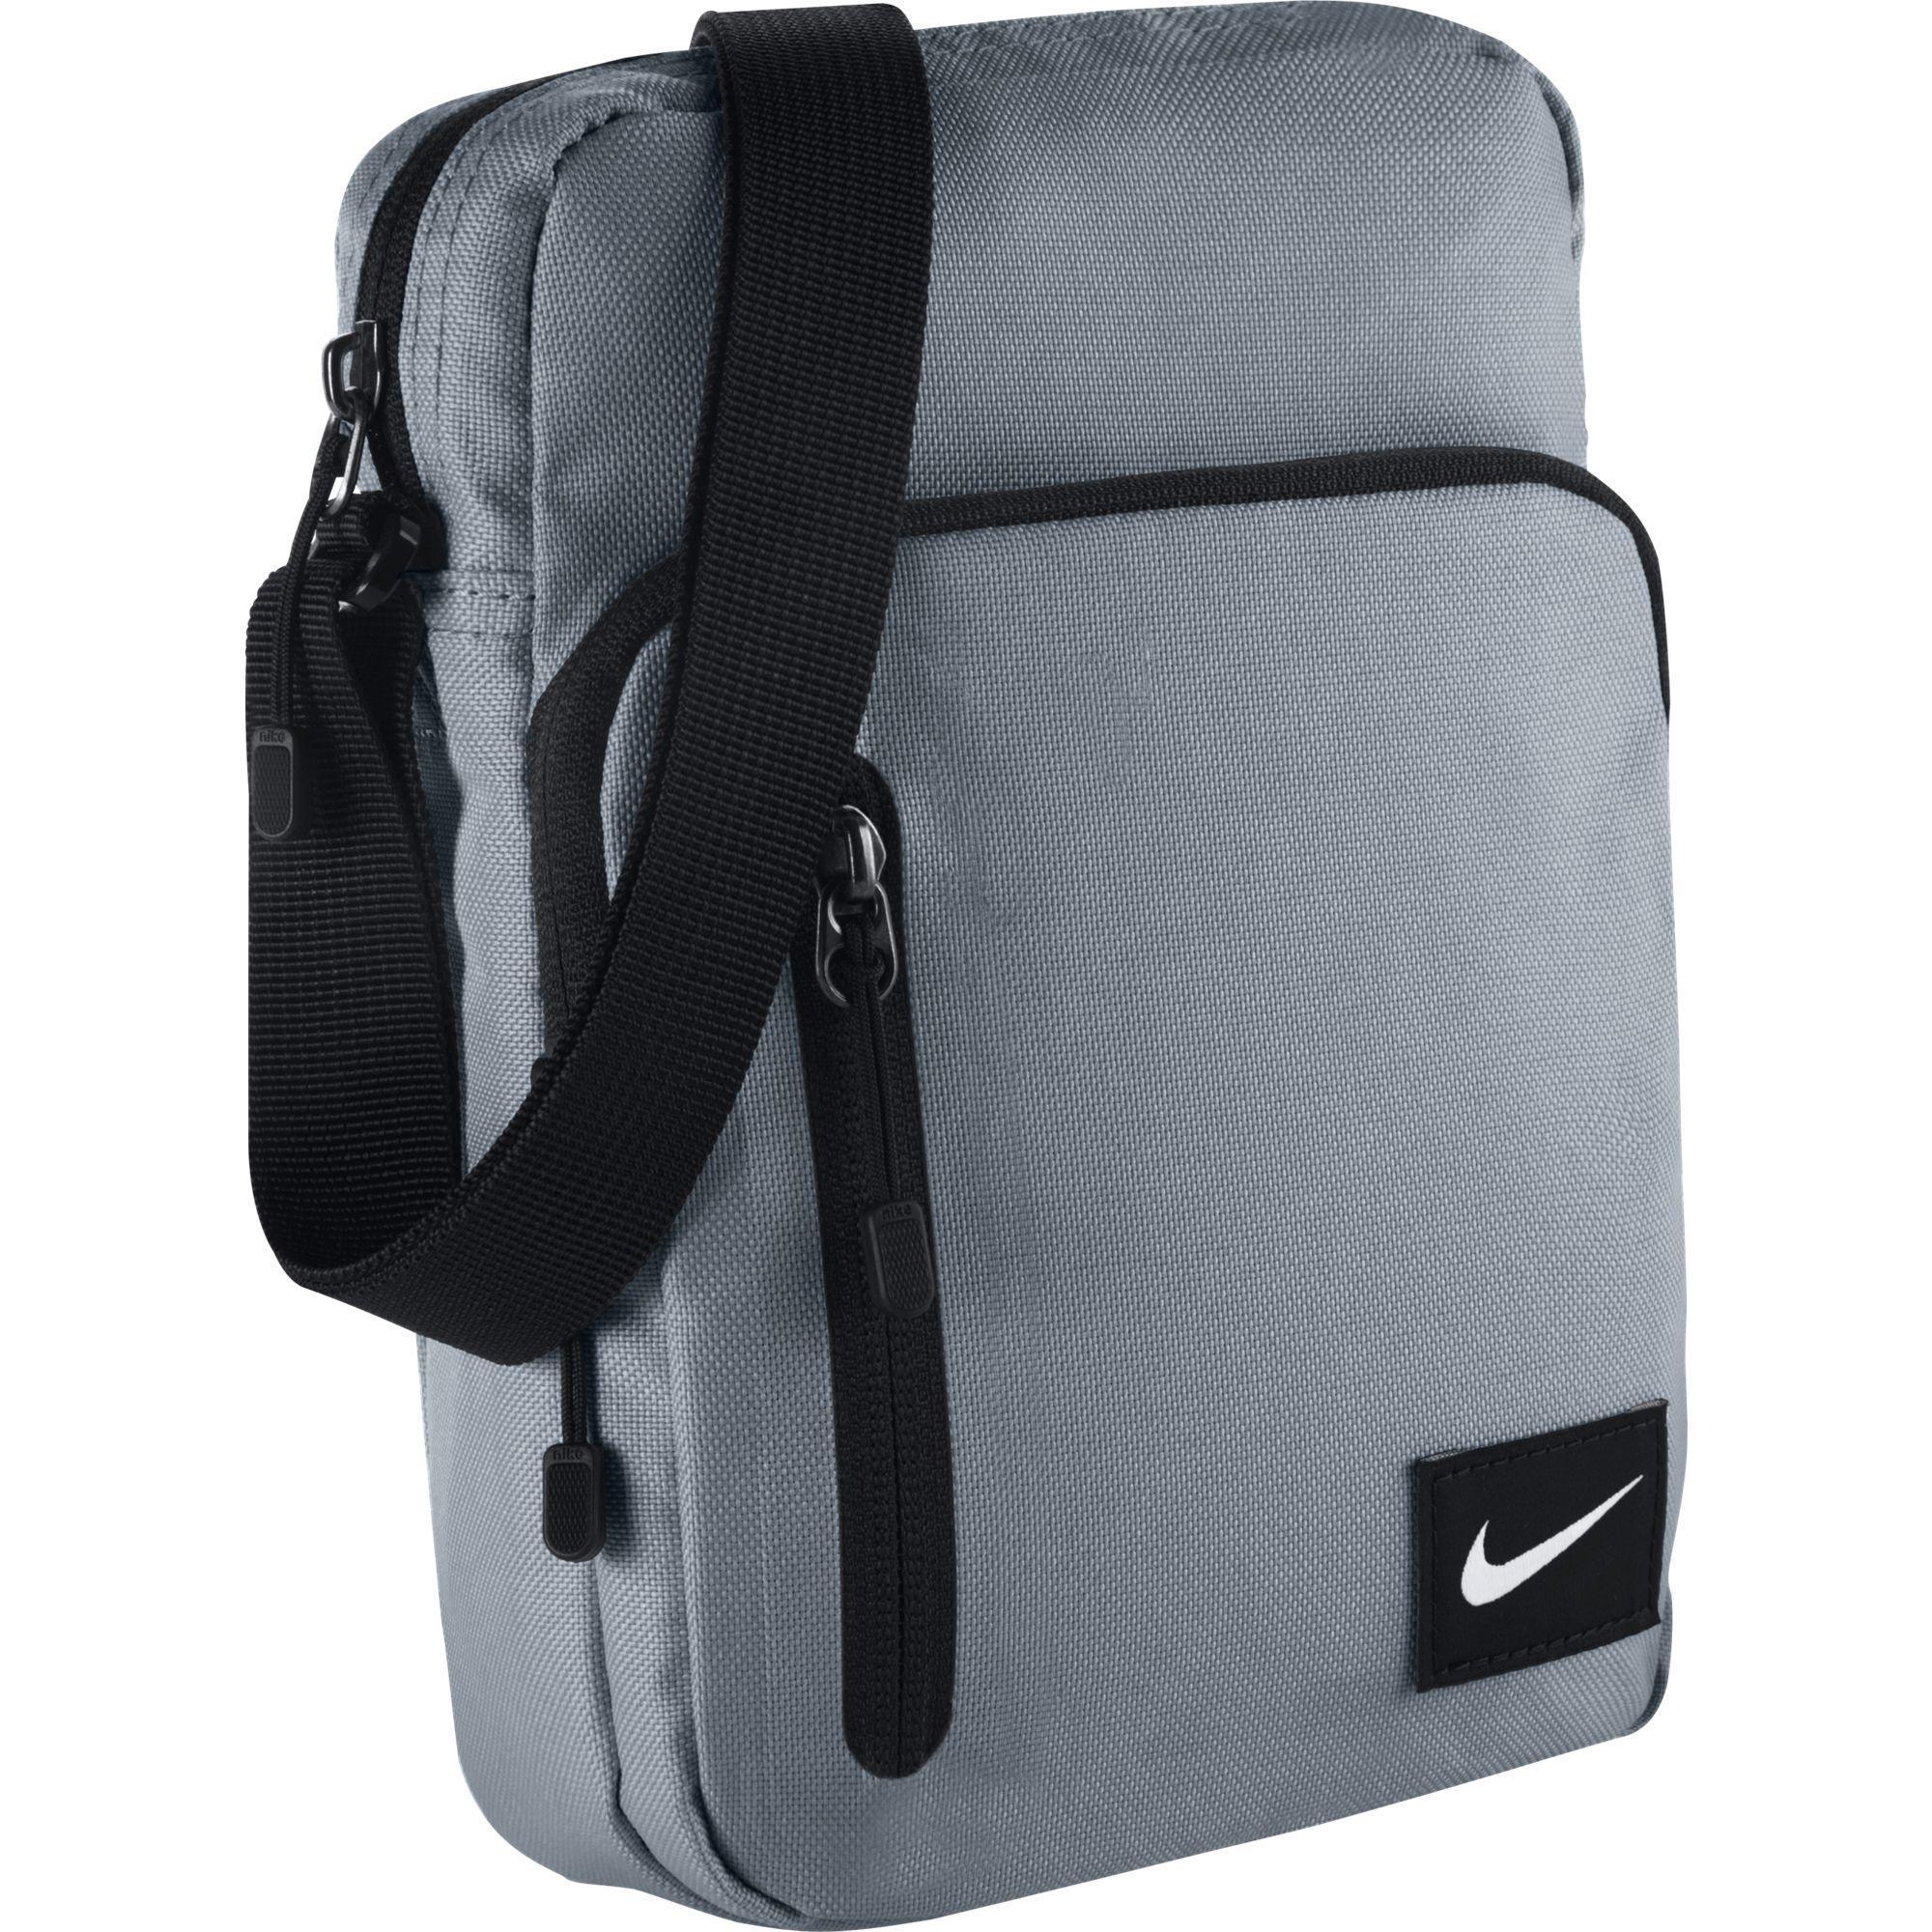 17d04bcf9e Nike Core Small Items II Bag - Dove Grey - Tennisnuts.com